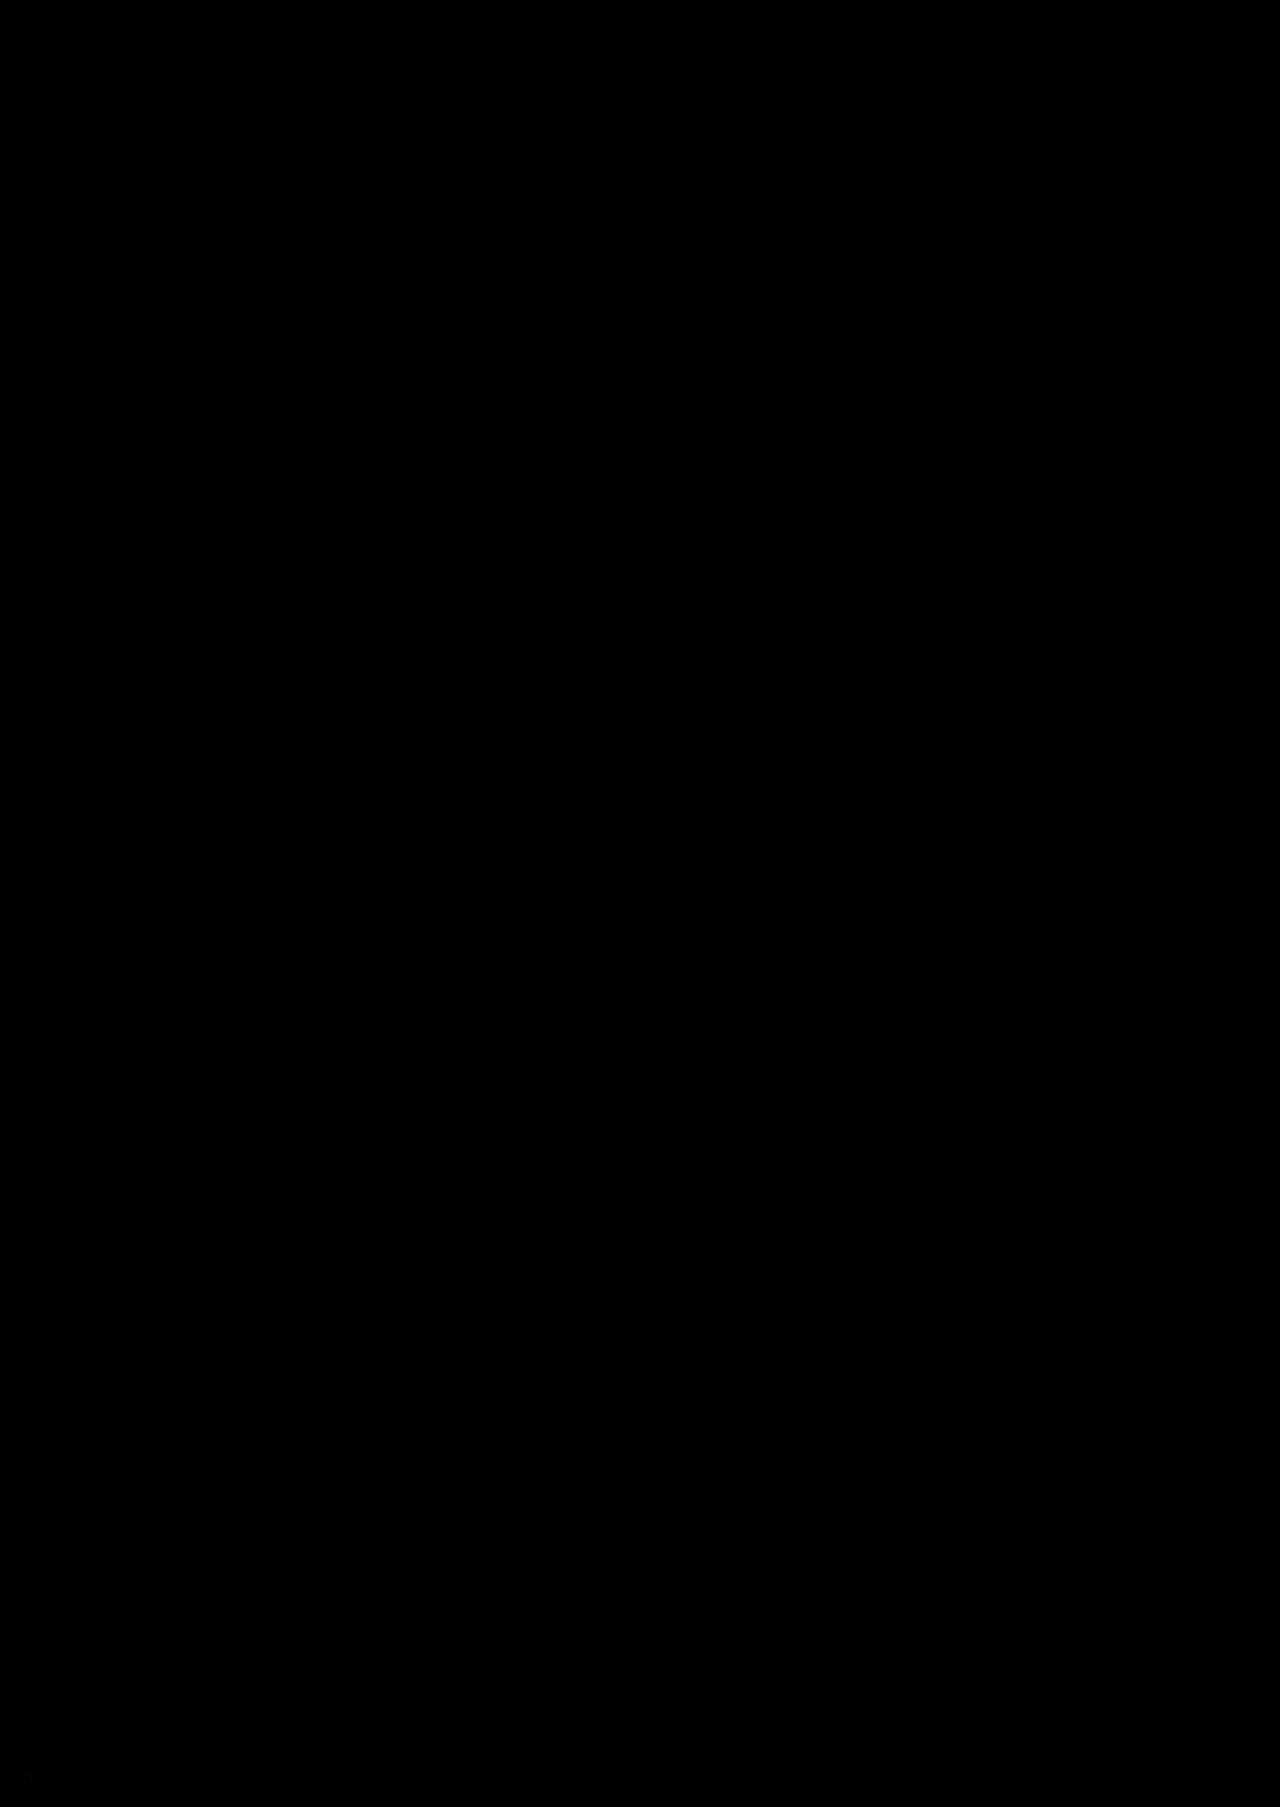 [Eromazun (Ma-kurou)] Kochou Shinobu Kan ~Neteiru Aida ni Ossan Oni ni Okasareru~ - RAPE OF DEMON SLAYER 2 (Kimetsu no Yaiba) [English] [MegaFagget] 1